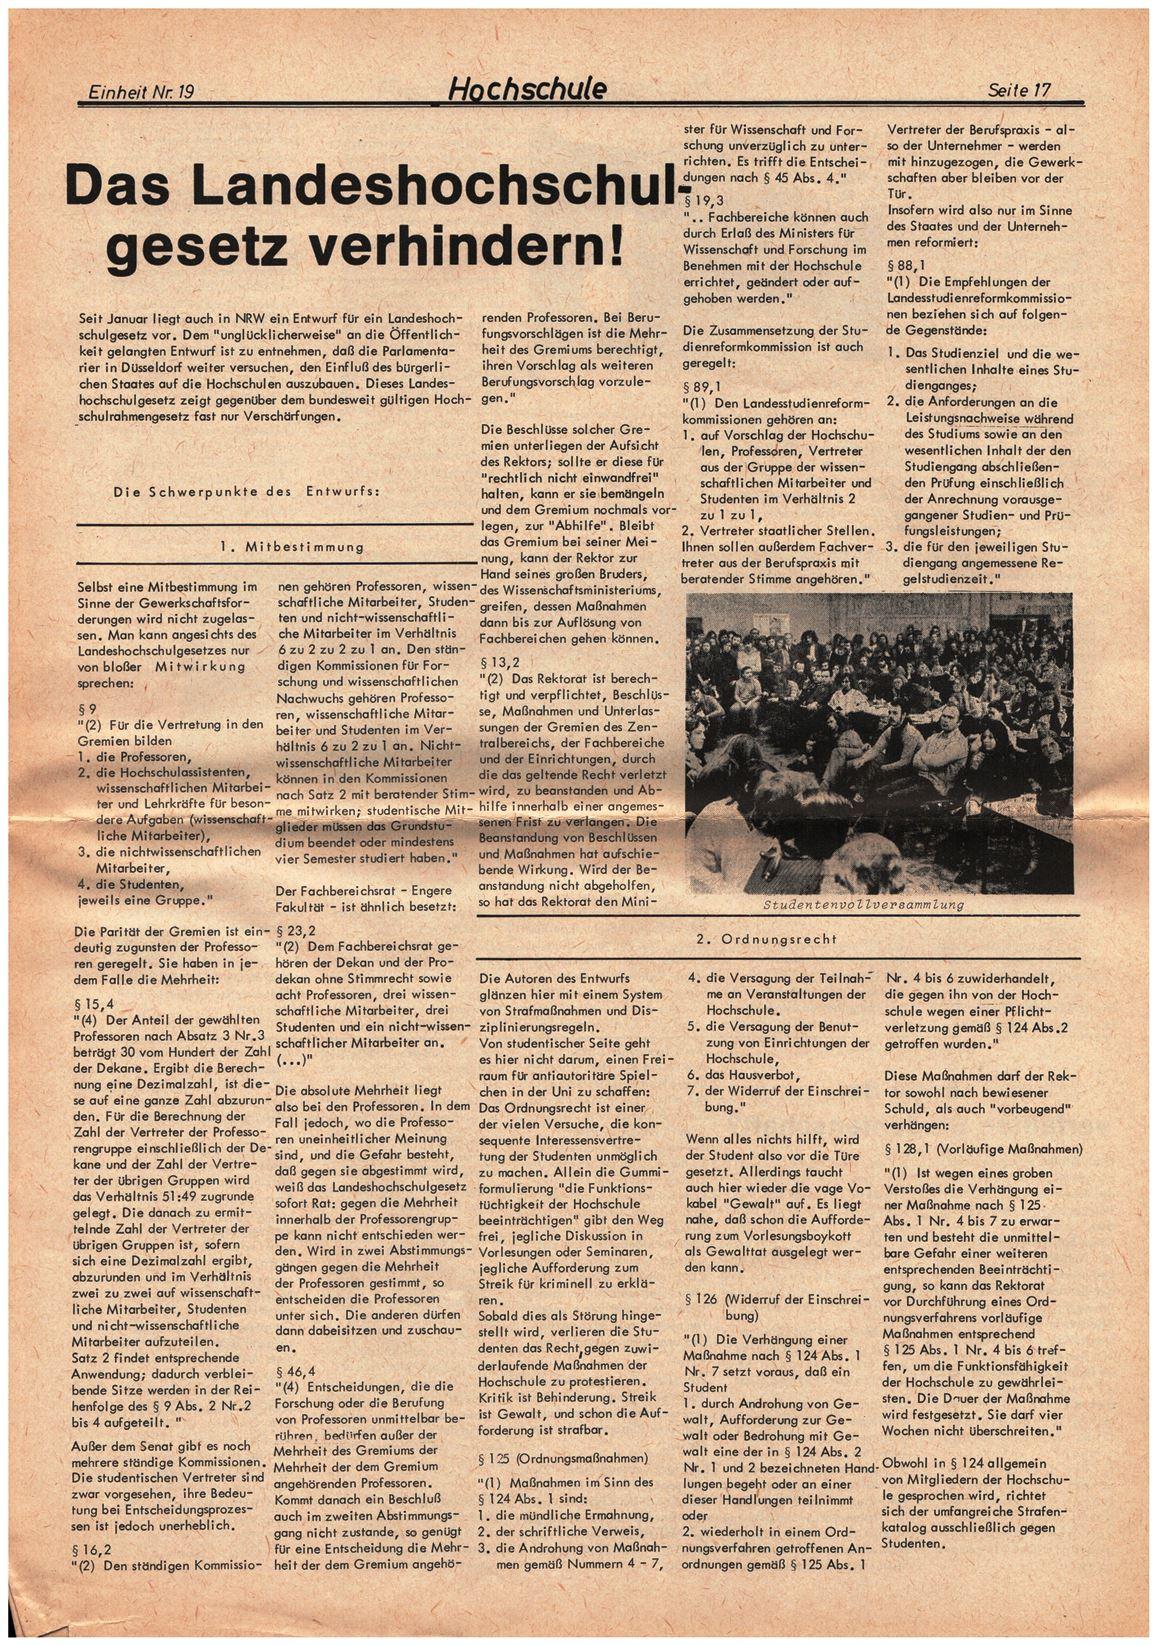 Koeln_IPdA_Einheit_1977_019_017